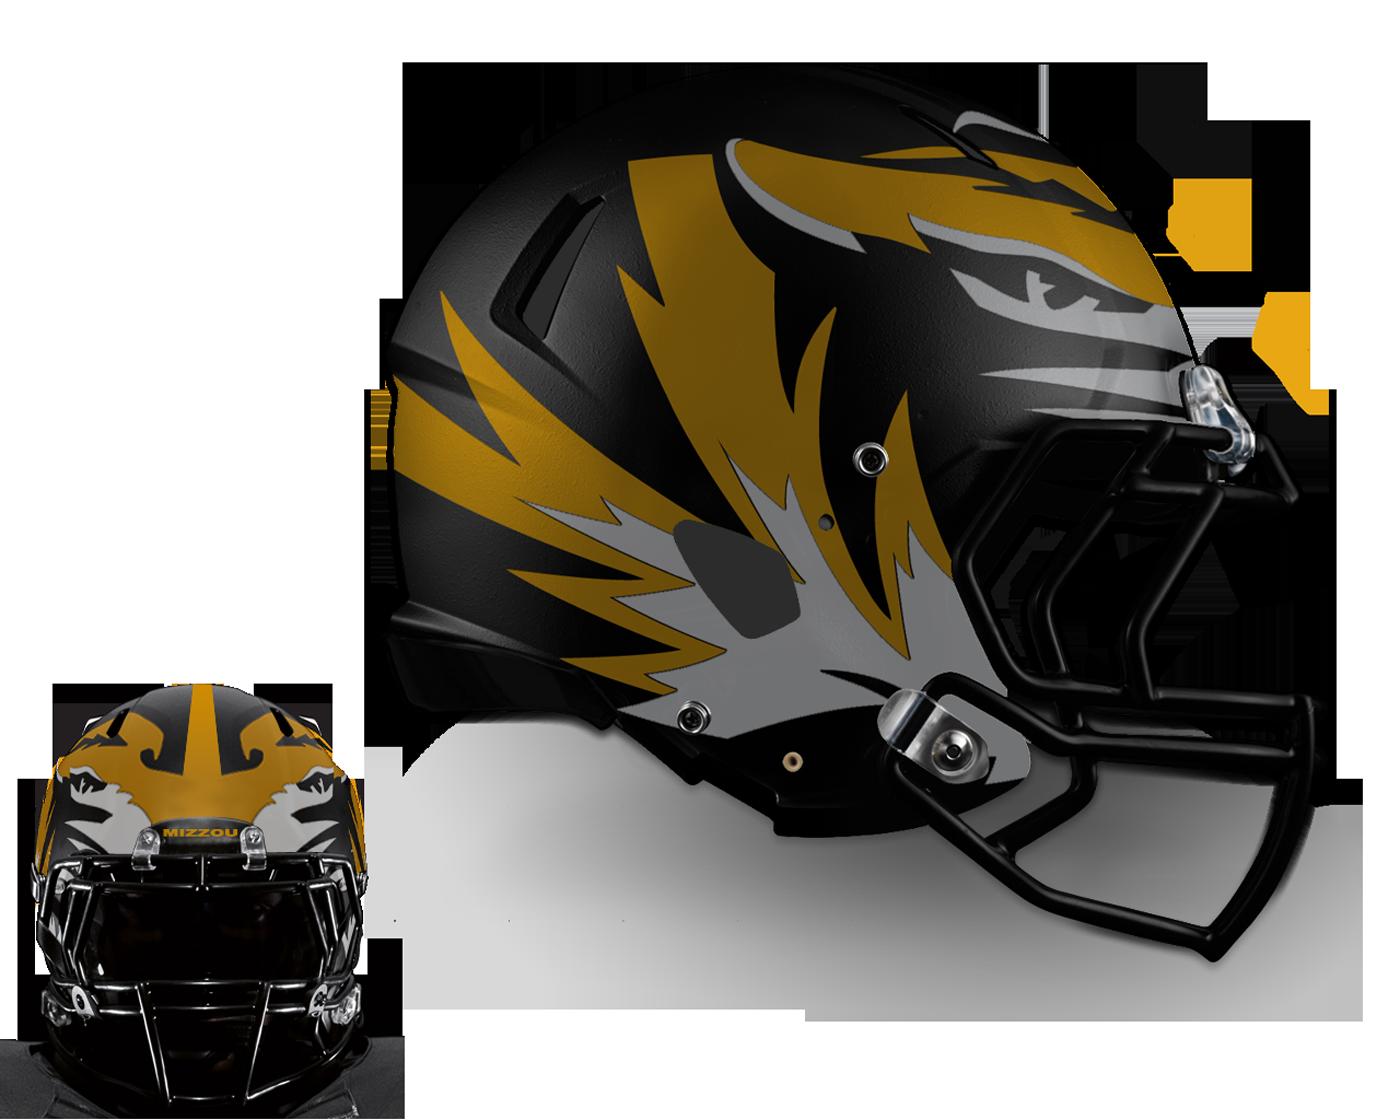 v1 - Large Tiger on Black w/ Front Concept